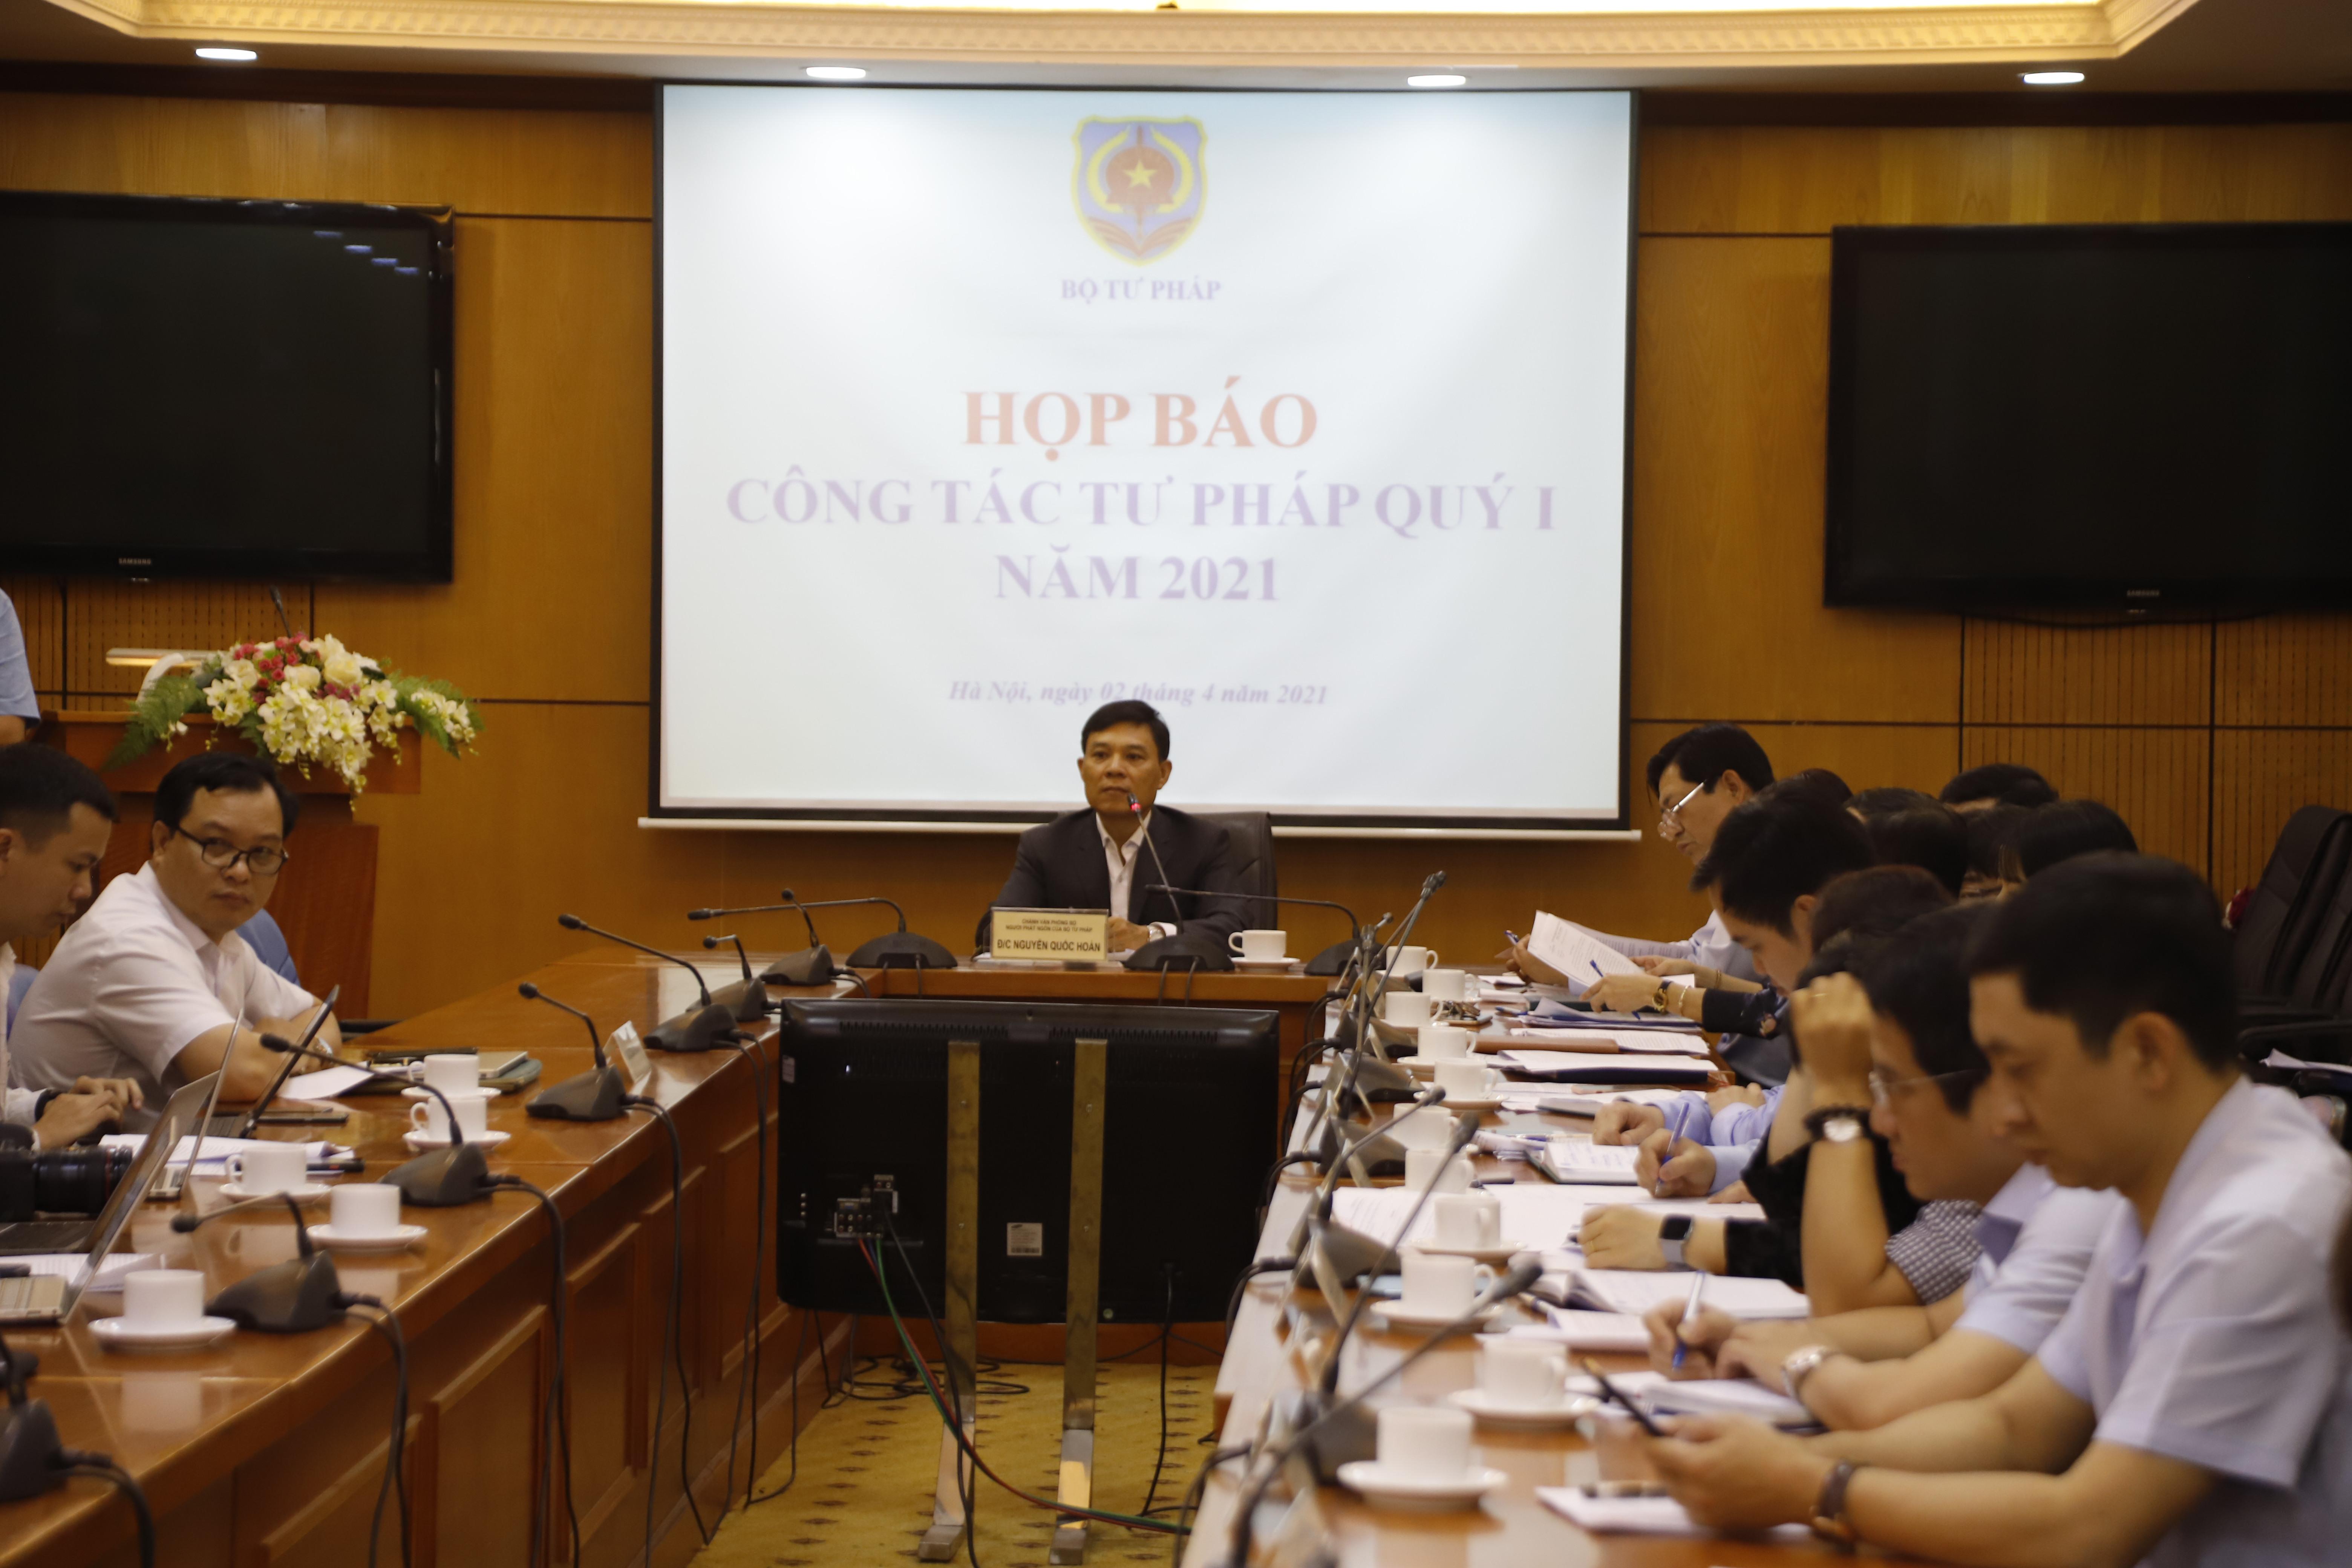 Ông Nguyễn Quốc Hoàn, Chánh Văn phòng, Người phát ngôn Bộ Tư pháp chủ trì buổi Họp báo.